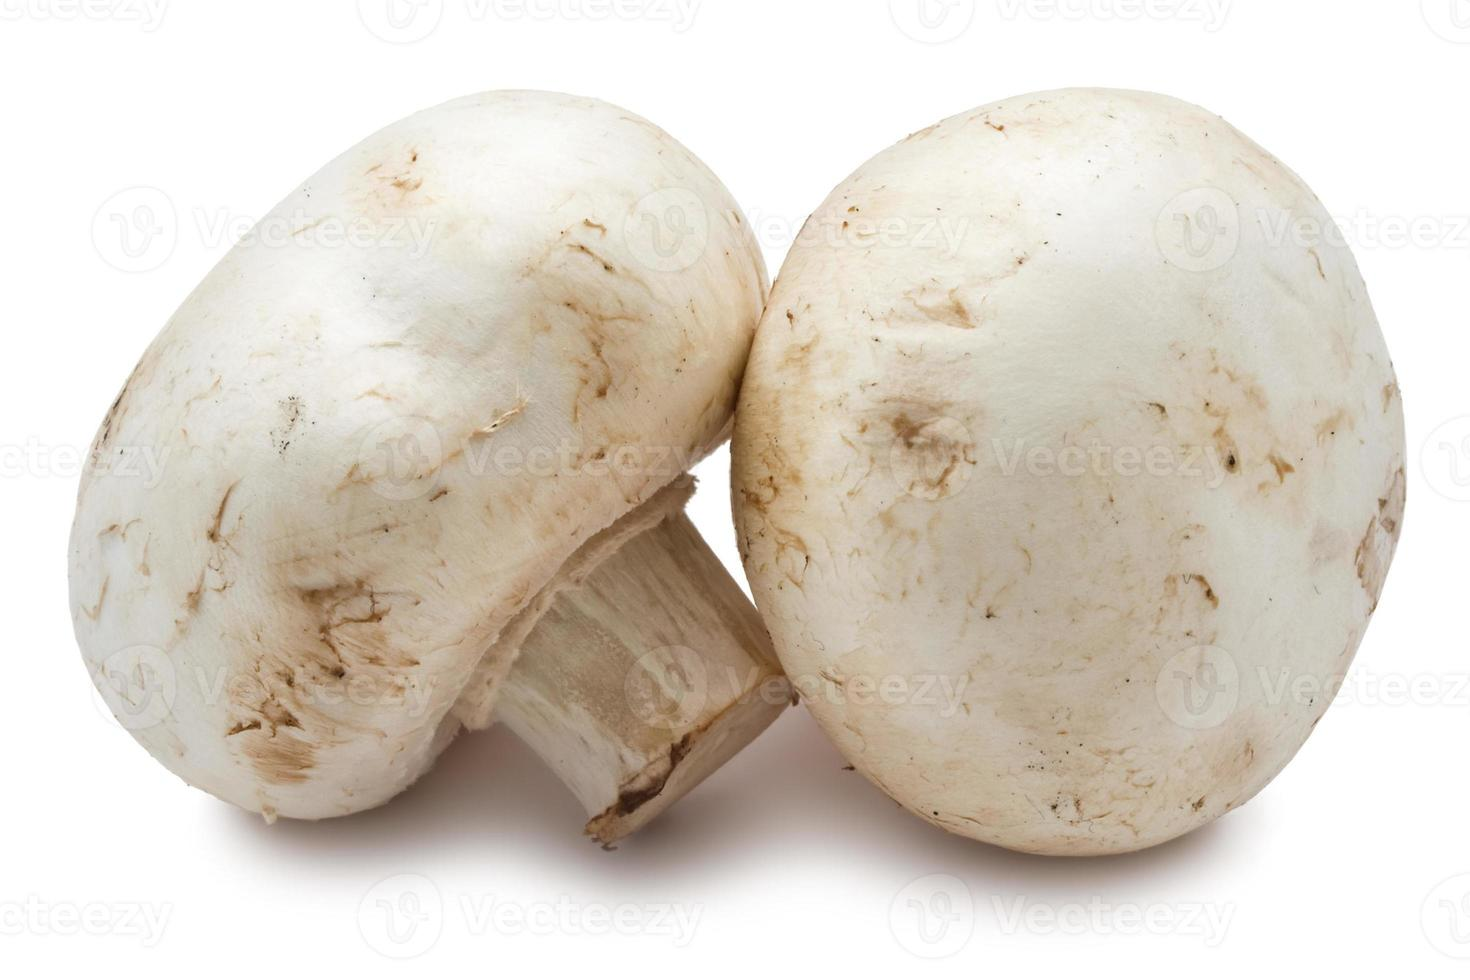 Champignon mushrooms photo